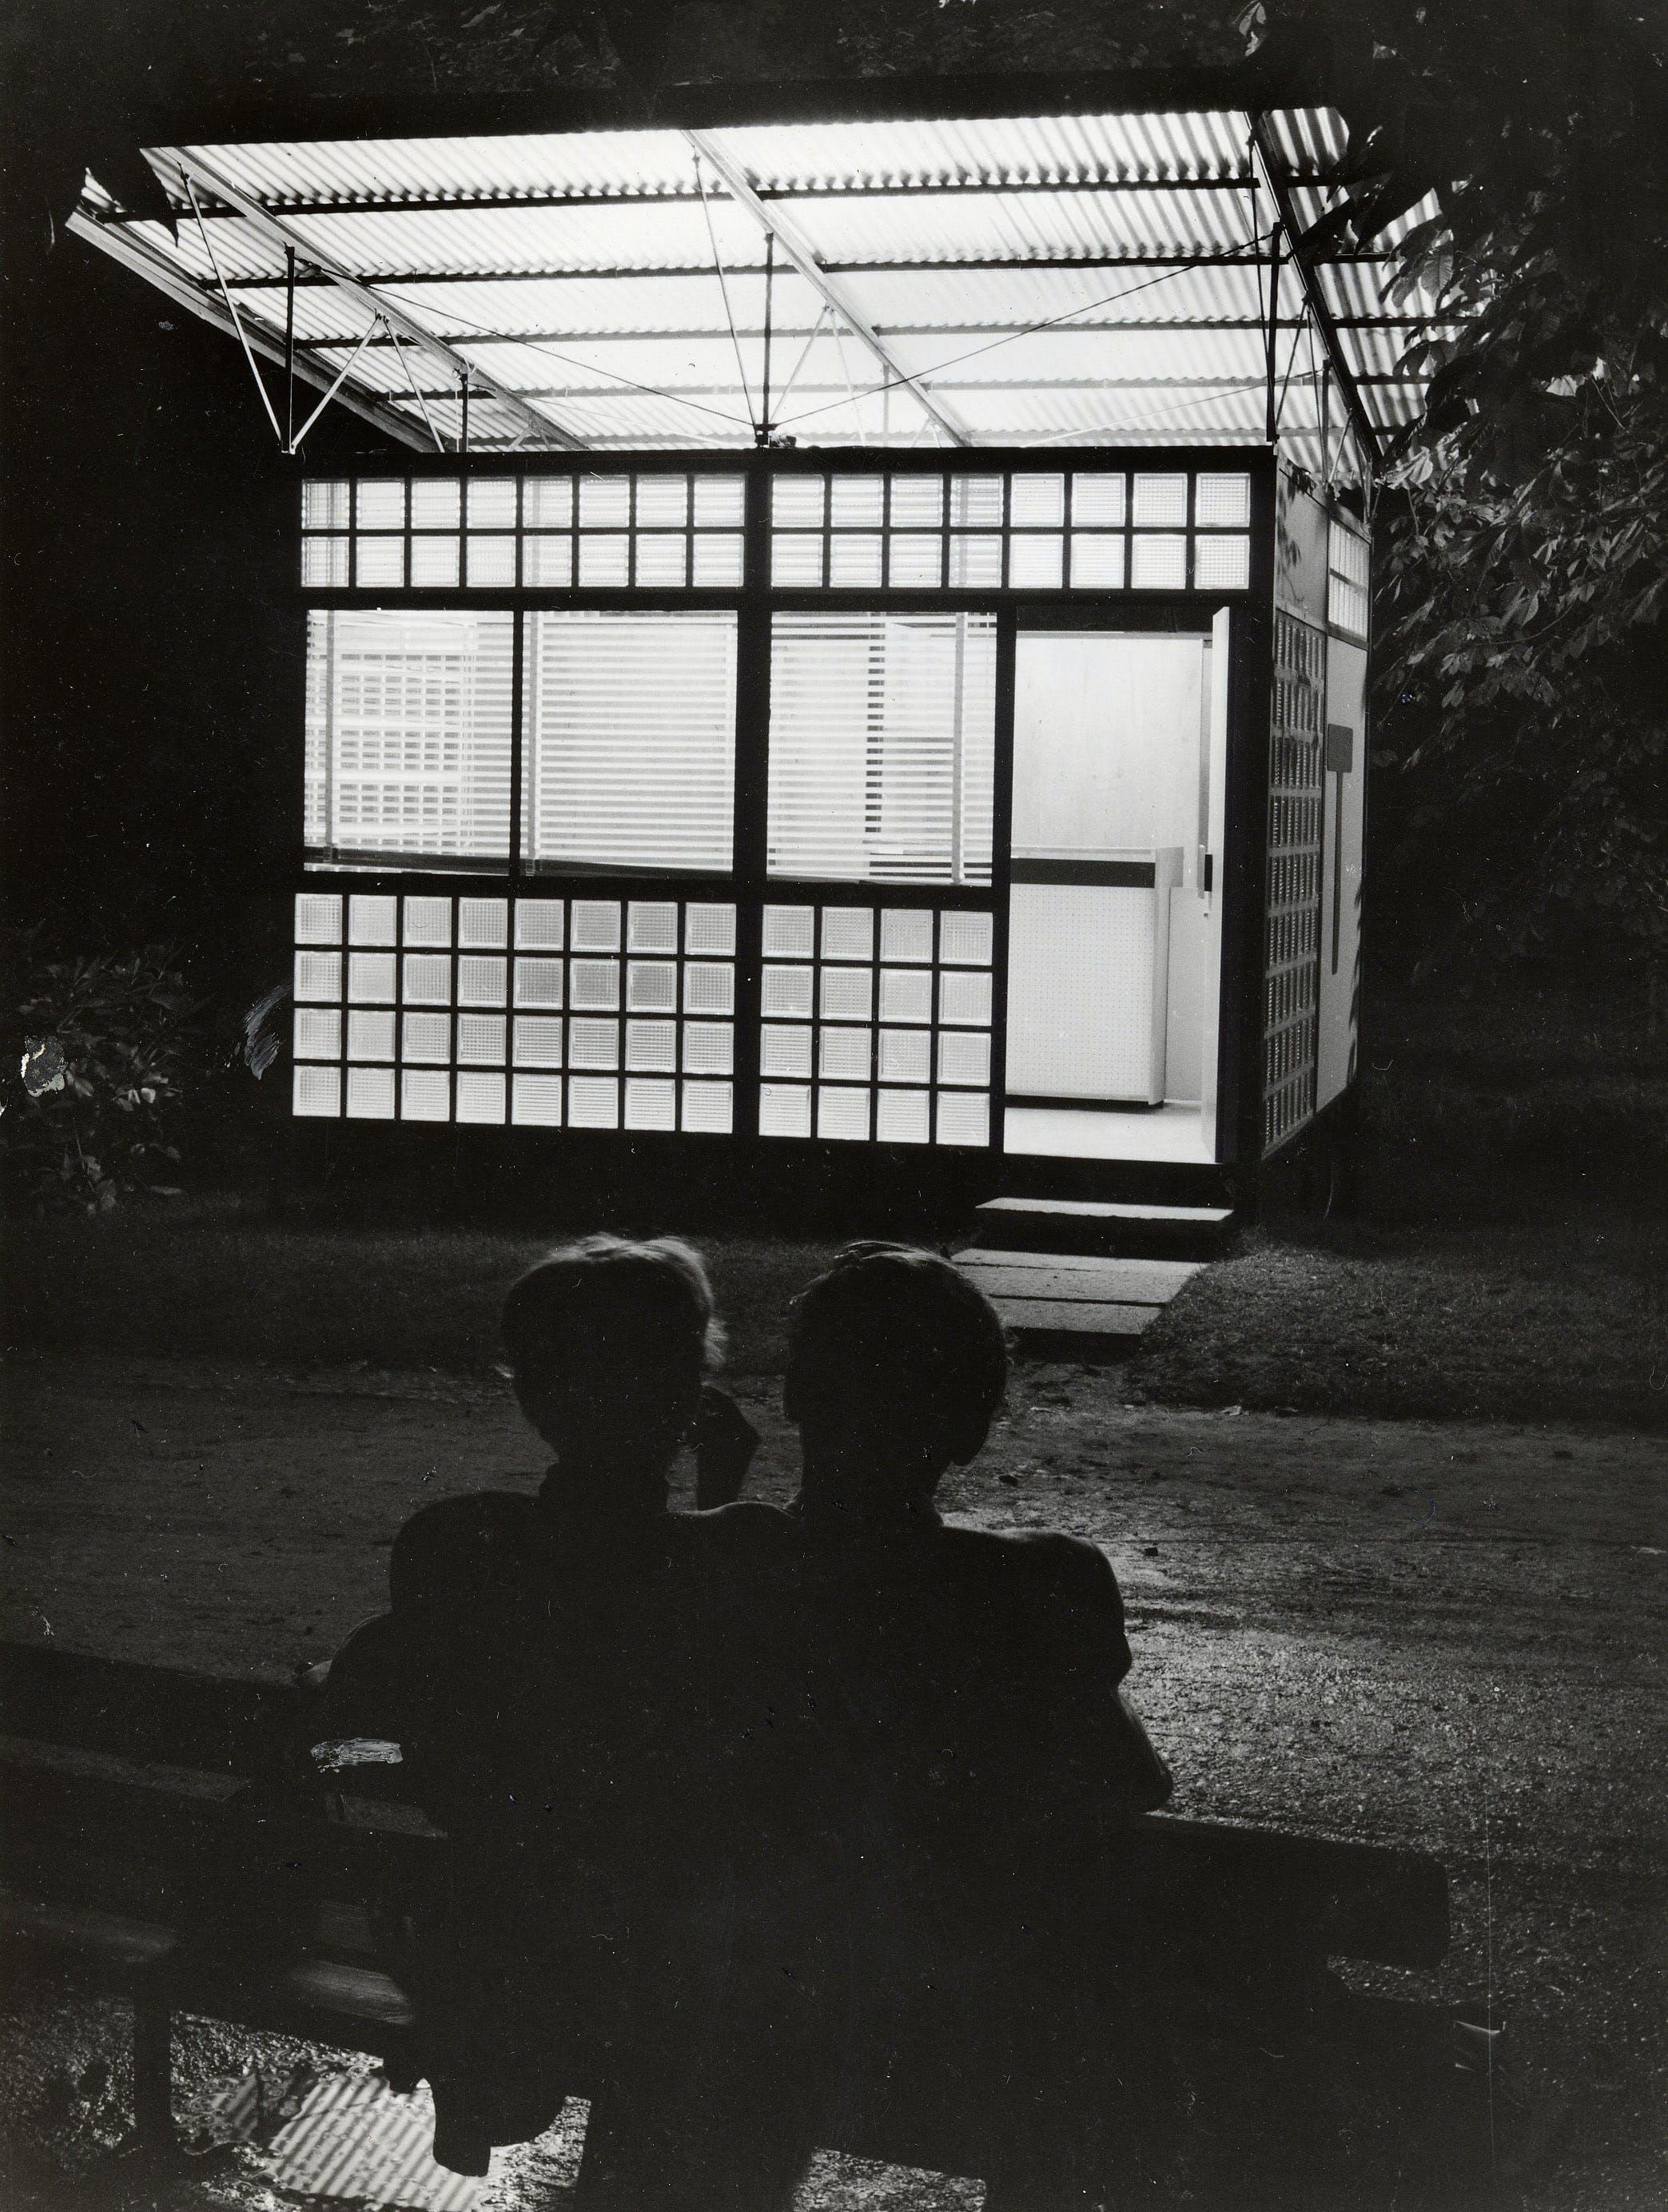 1954, X Triennale, Mostra dell'architettura in movimento – Cabina telefonica per autostrada, Foto Fotogramma